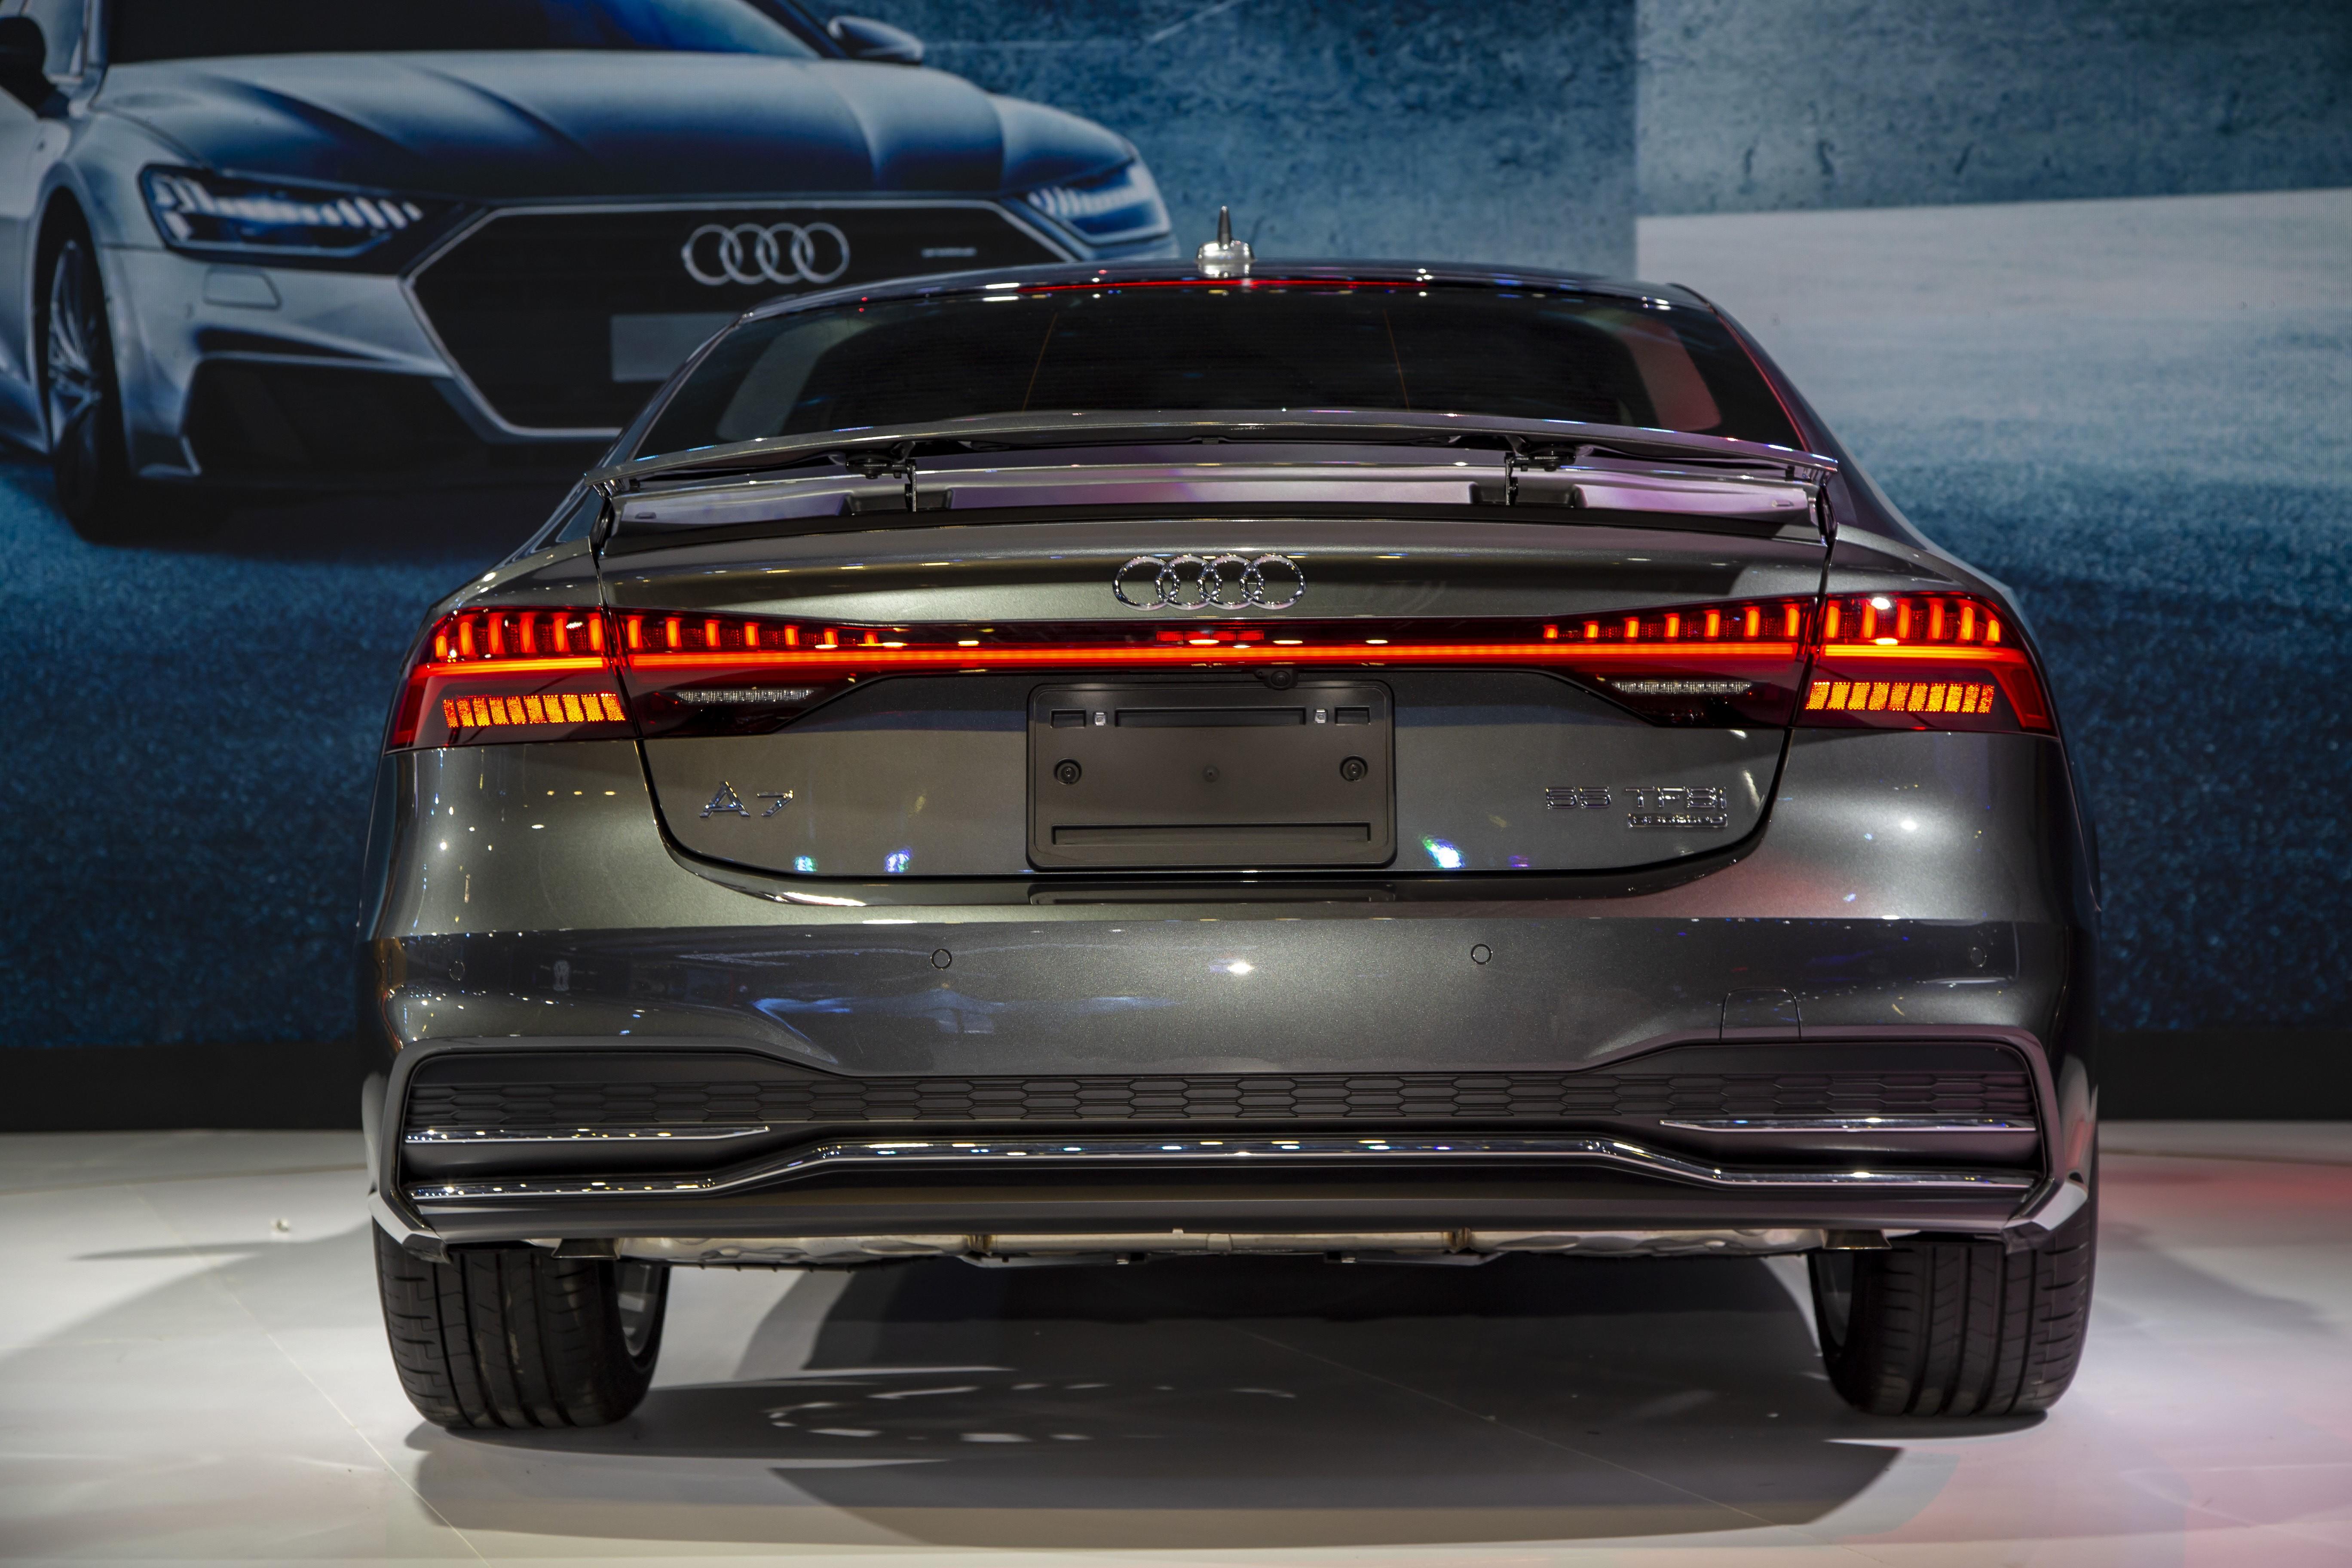 Audi A7 Sportback 2019 là thế hệ thứ 2 của mẫu xe này